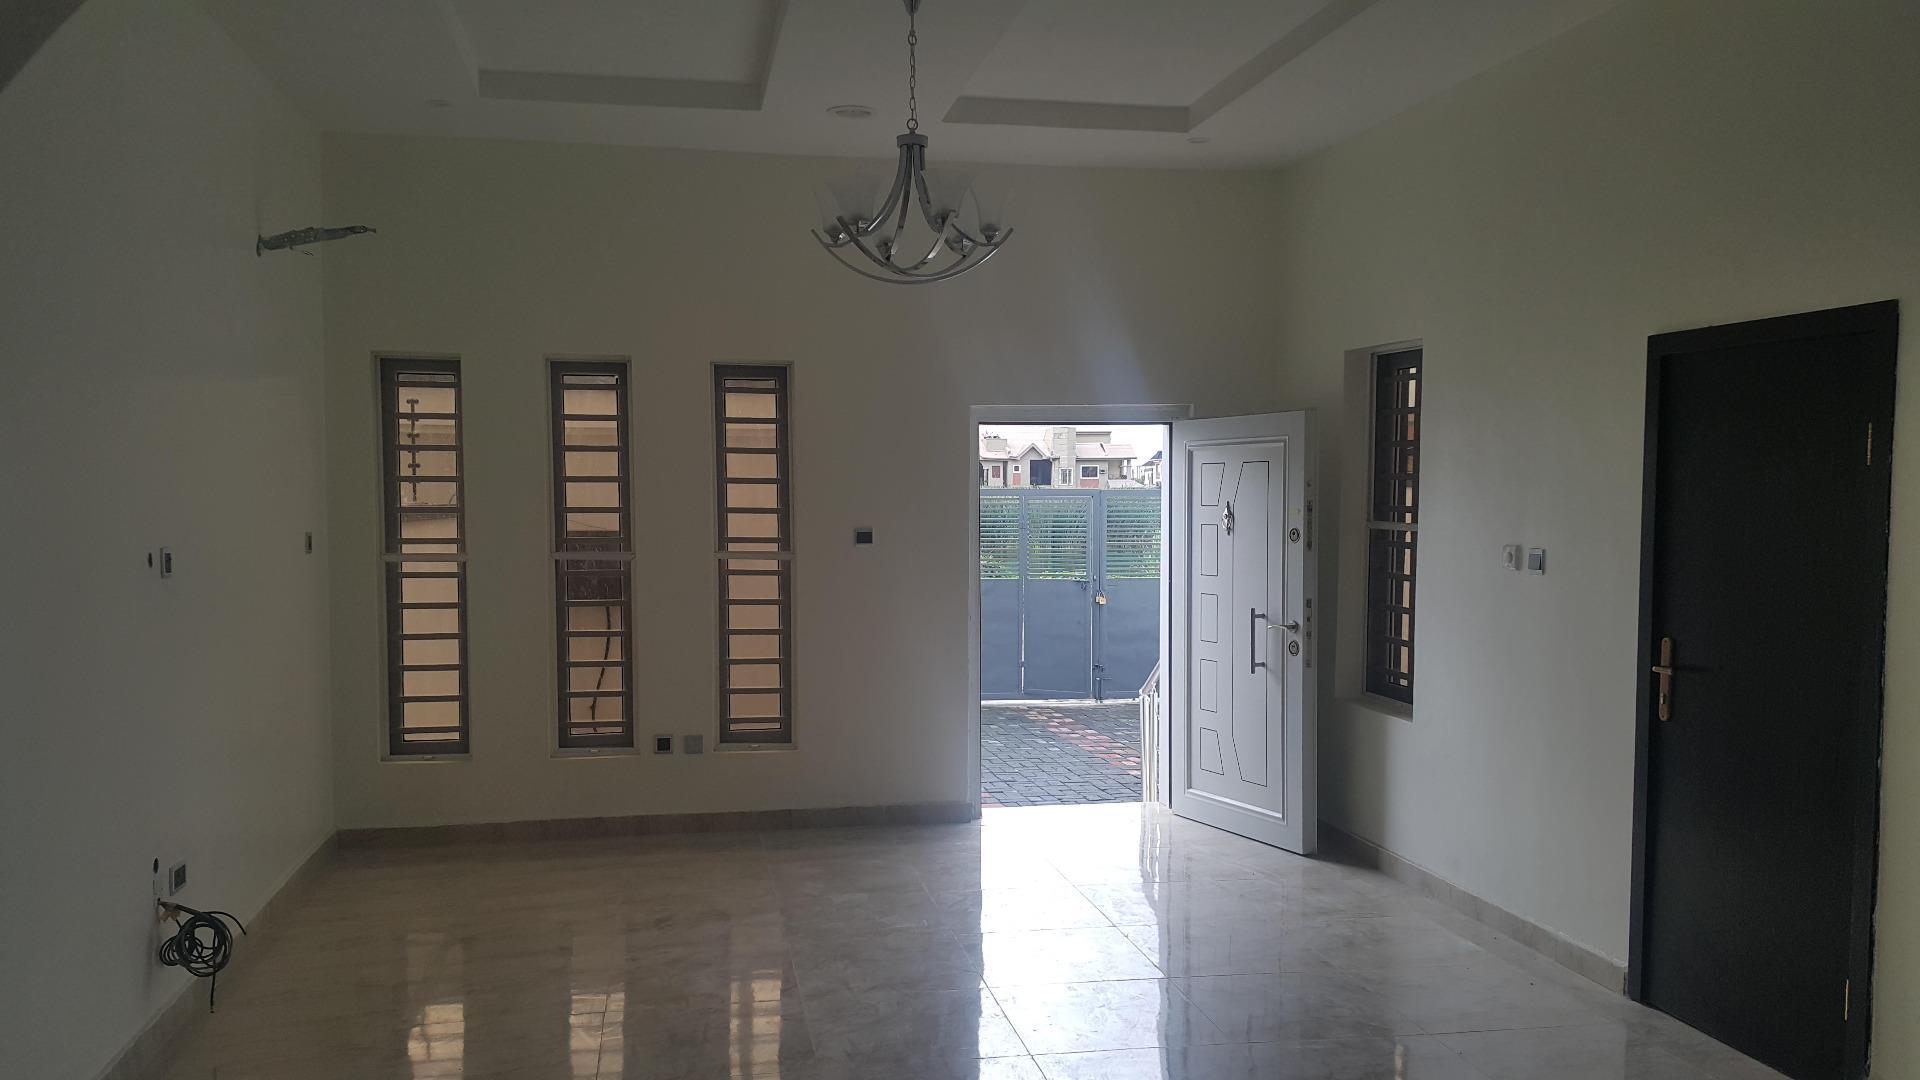 Estate for sale New 4 bedroom House for sale in Lekki